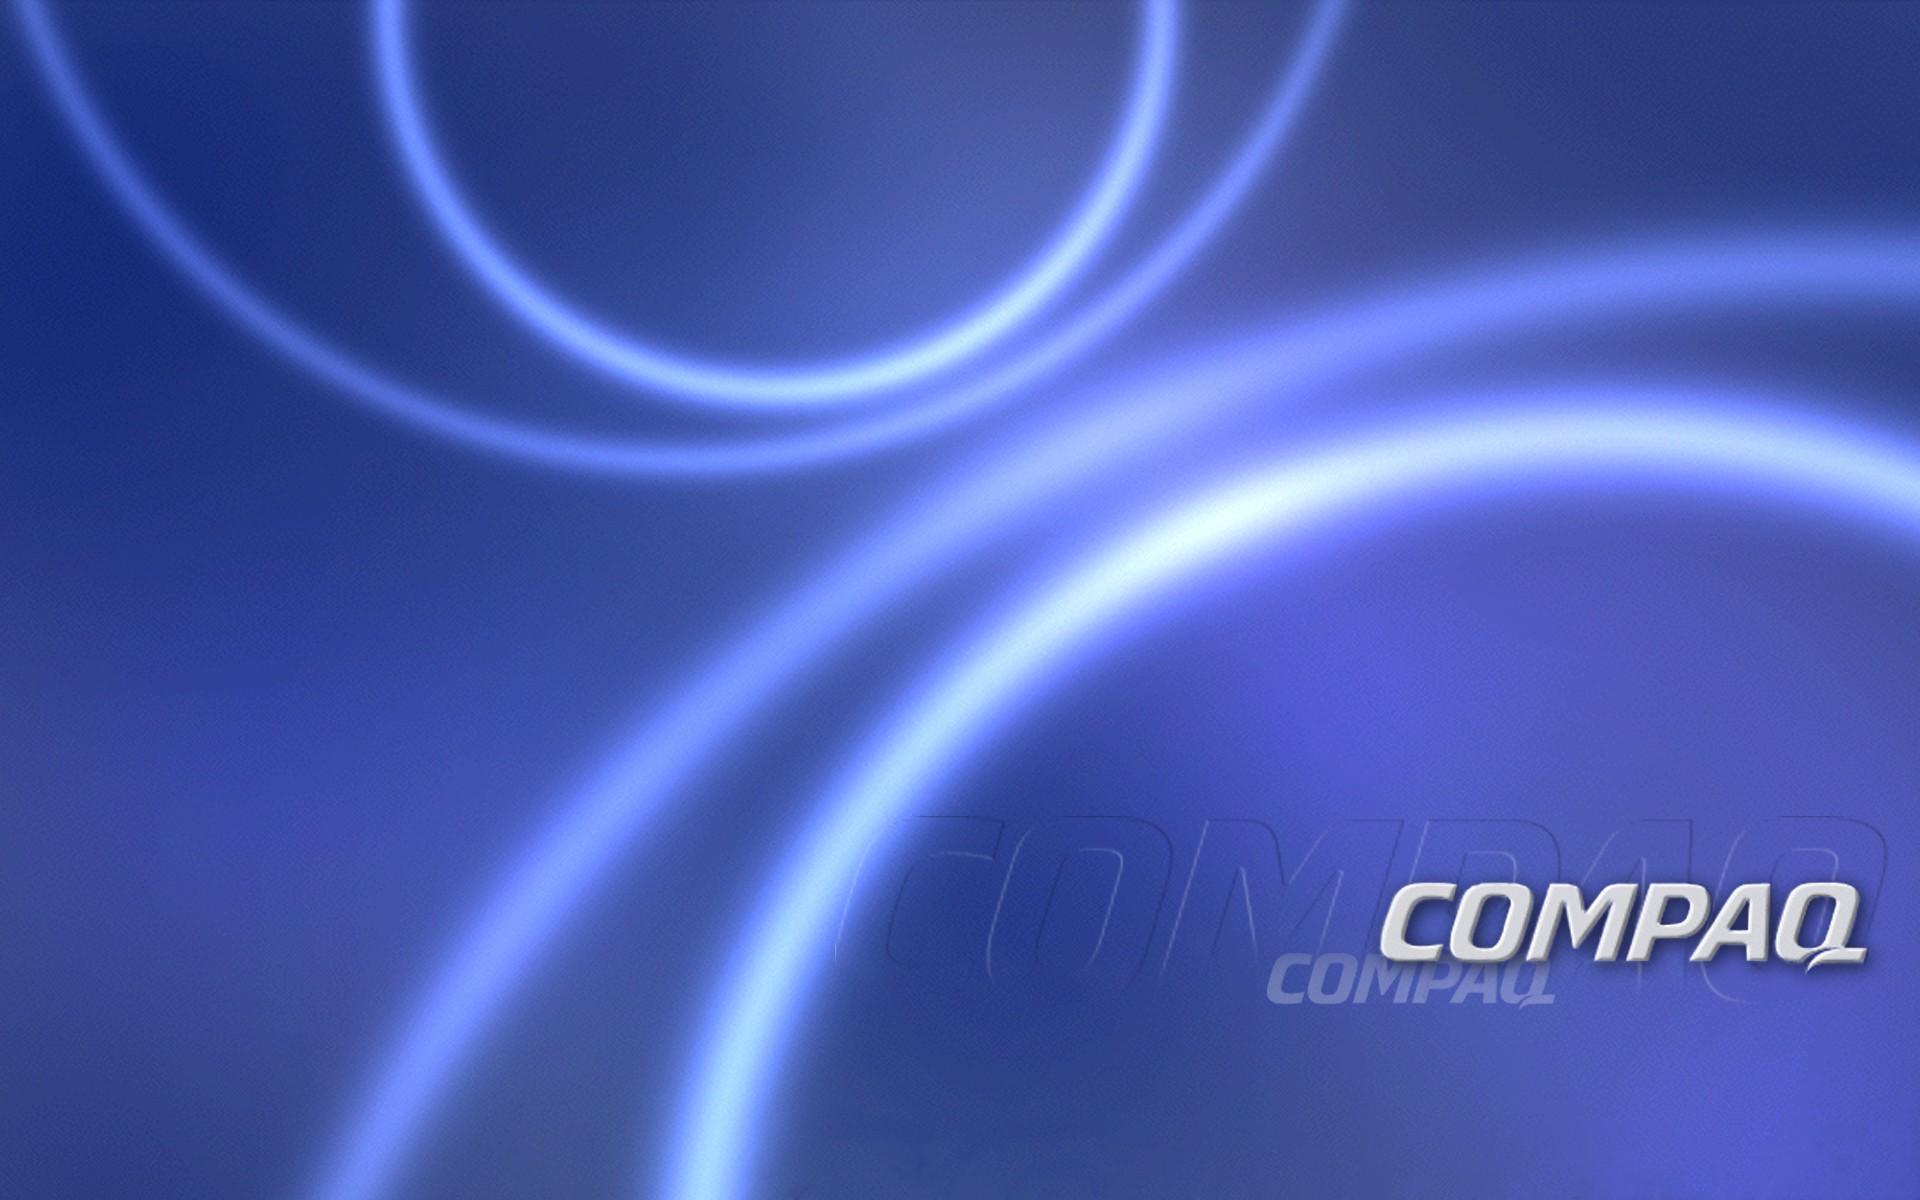 compaq desktop wallpaper 59637